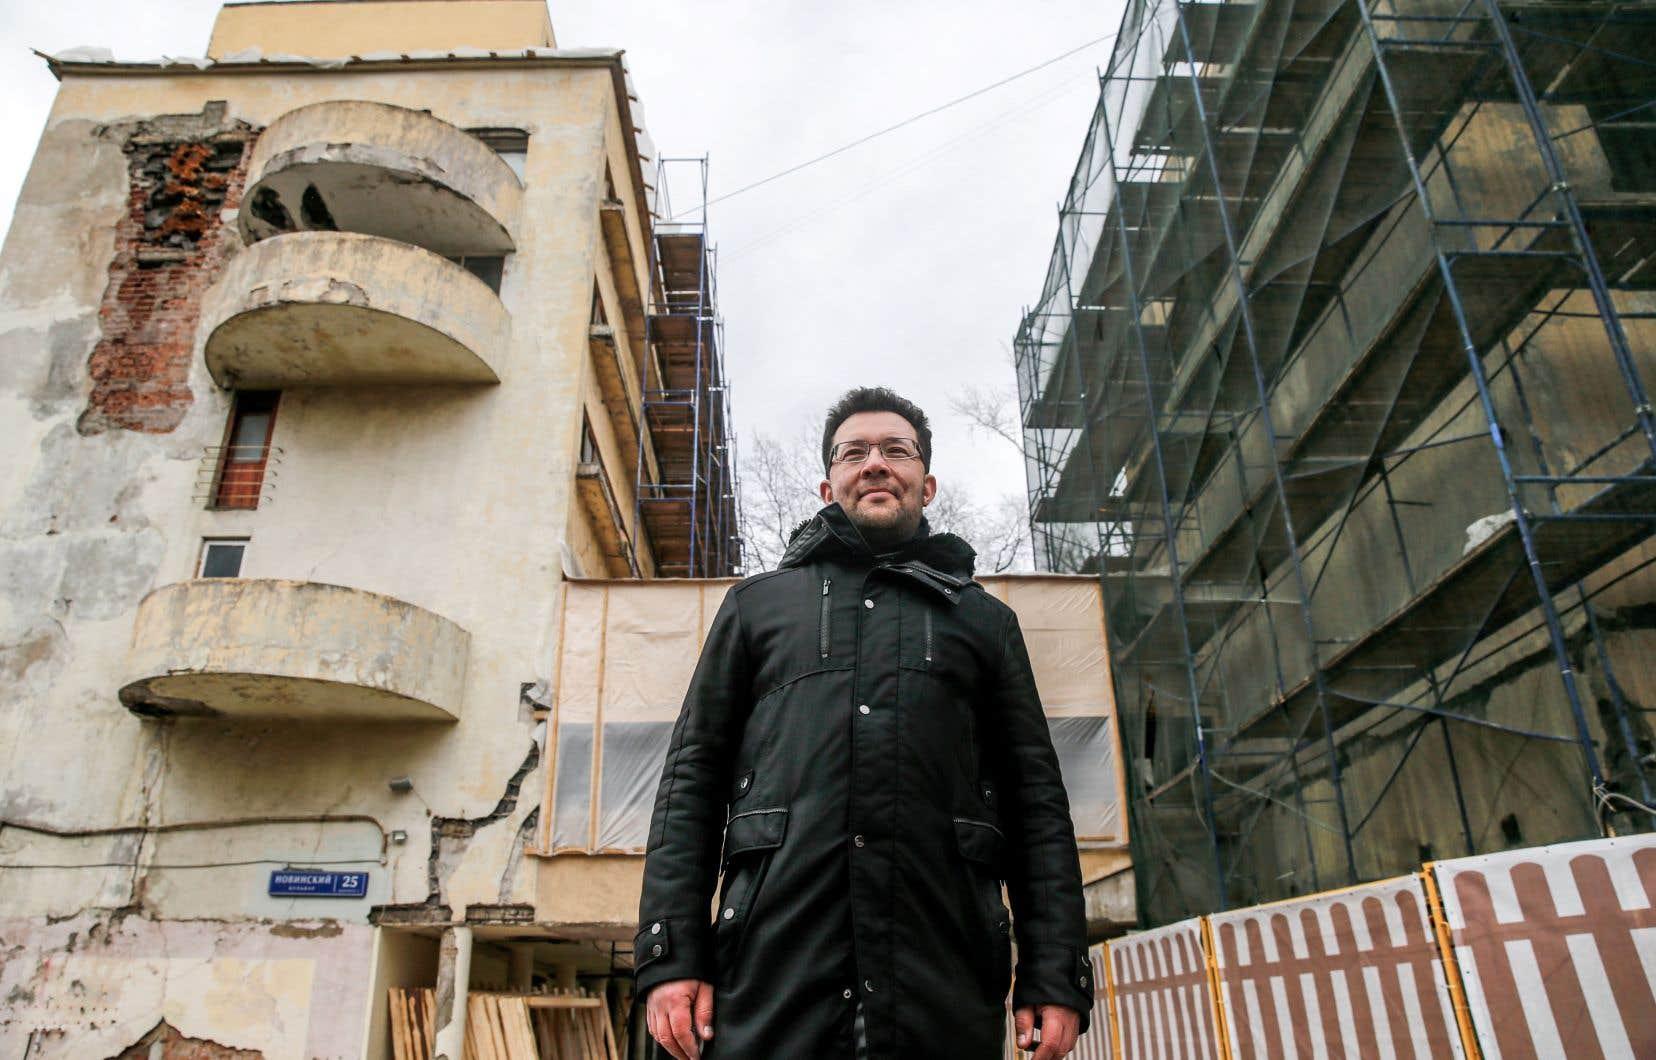 L'architecte Alexeï Ginzbourg supervise les travaux de restauration du Narkomfin, un chef-d'oeuvre de l'architecture moderne des premières années de l'URSS.